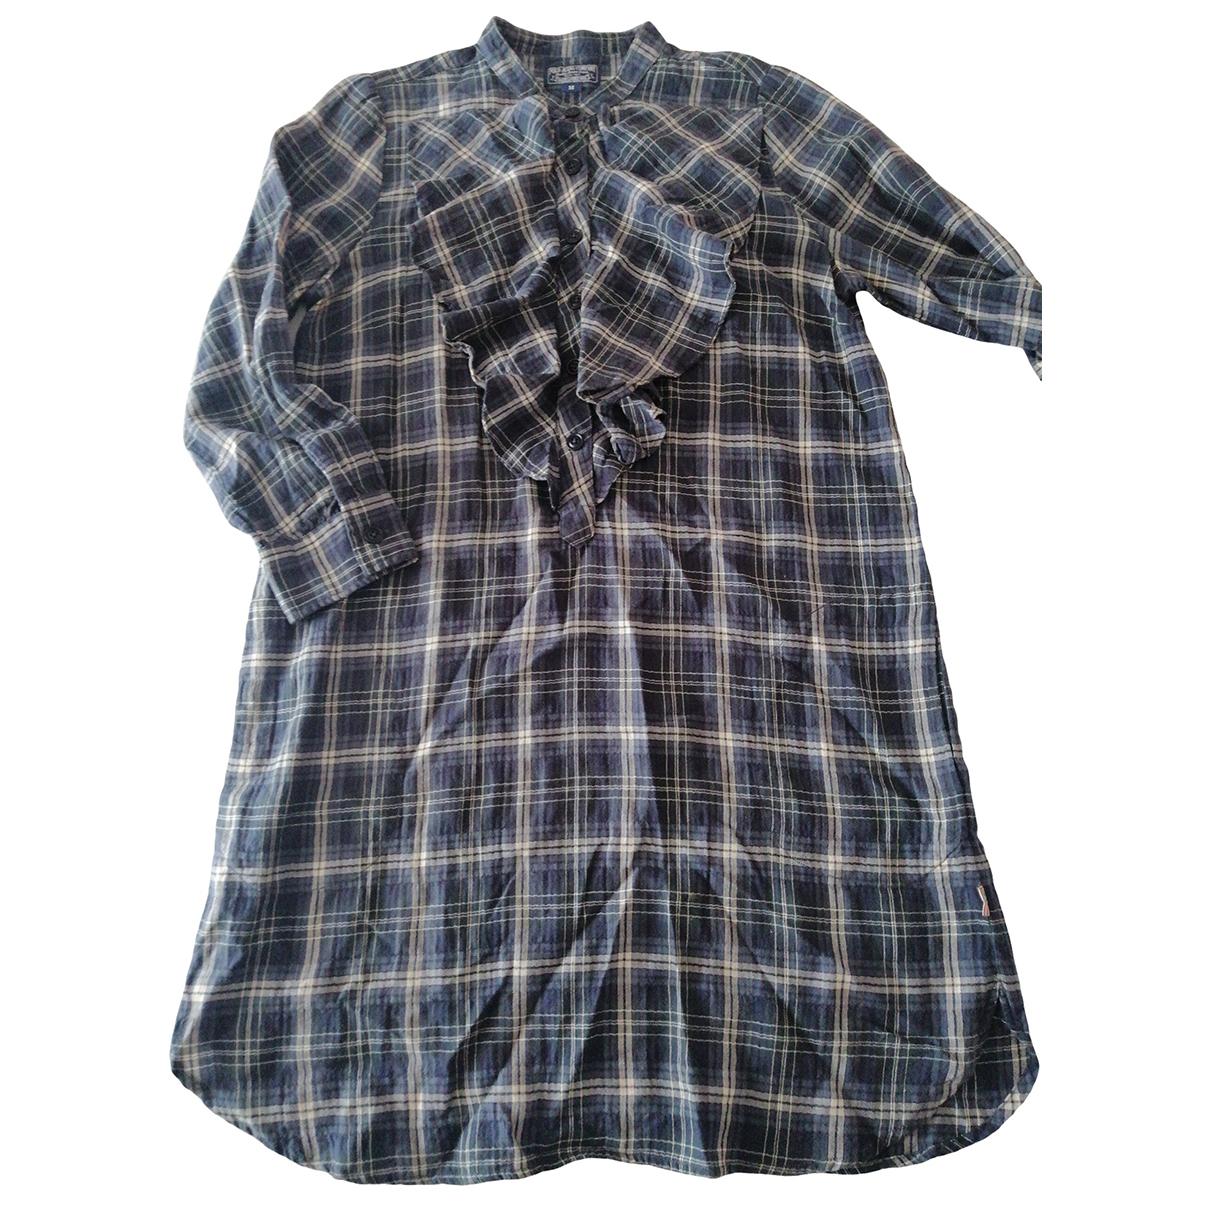 Polo Ralph Lauren \N Blue Cotton dress for Women M International